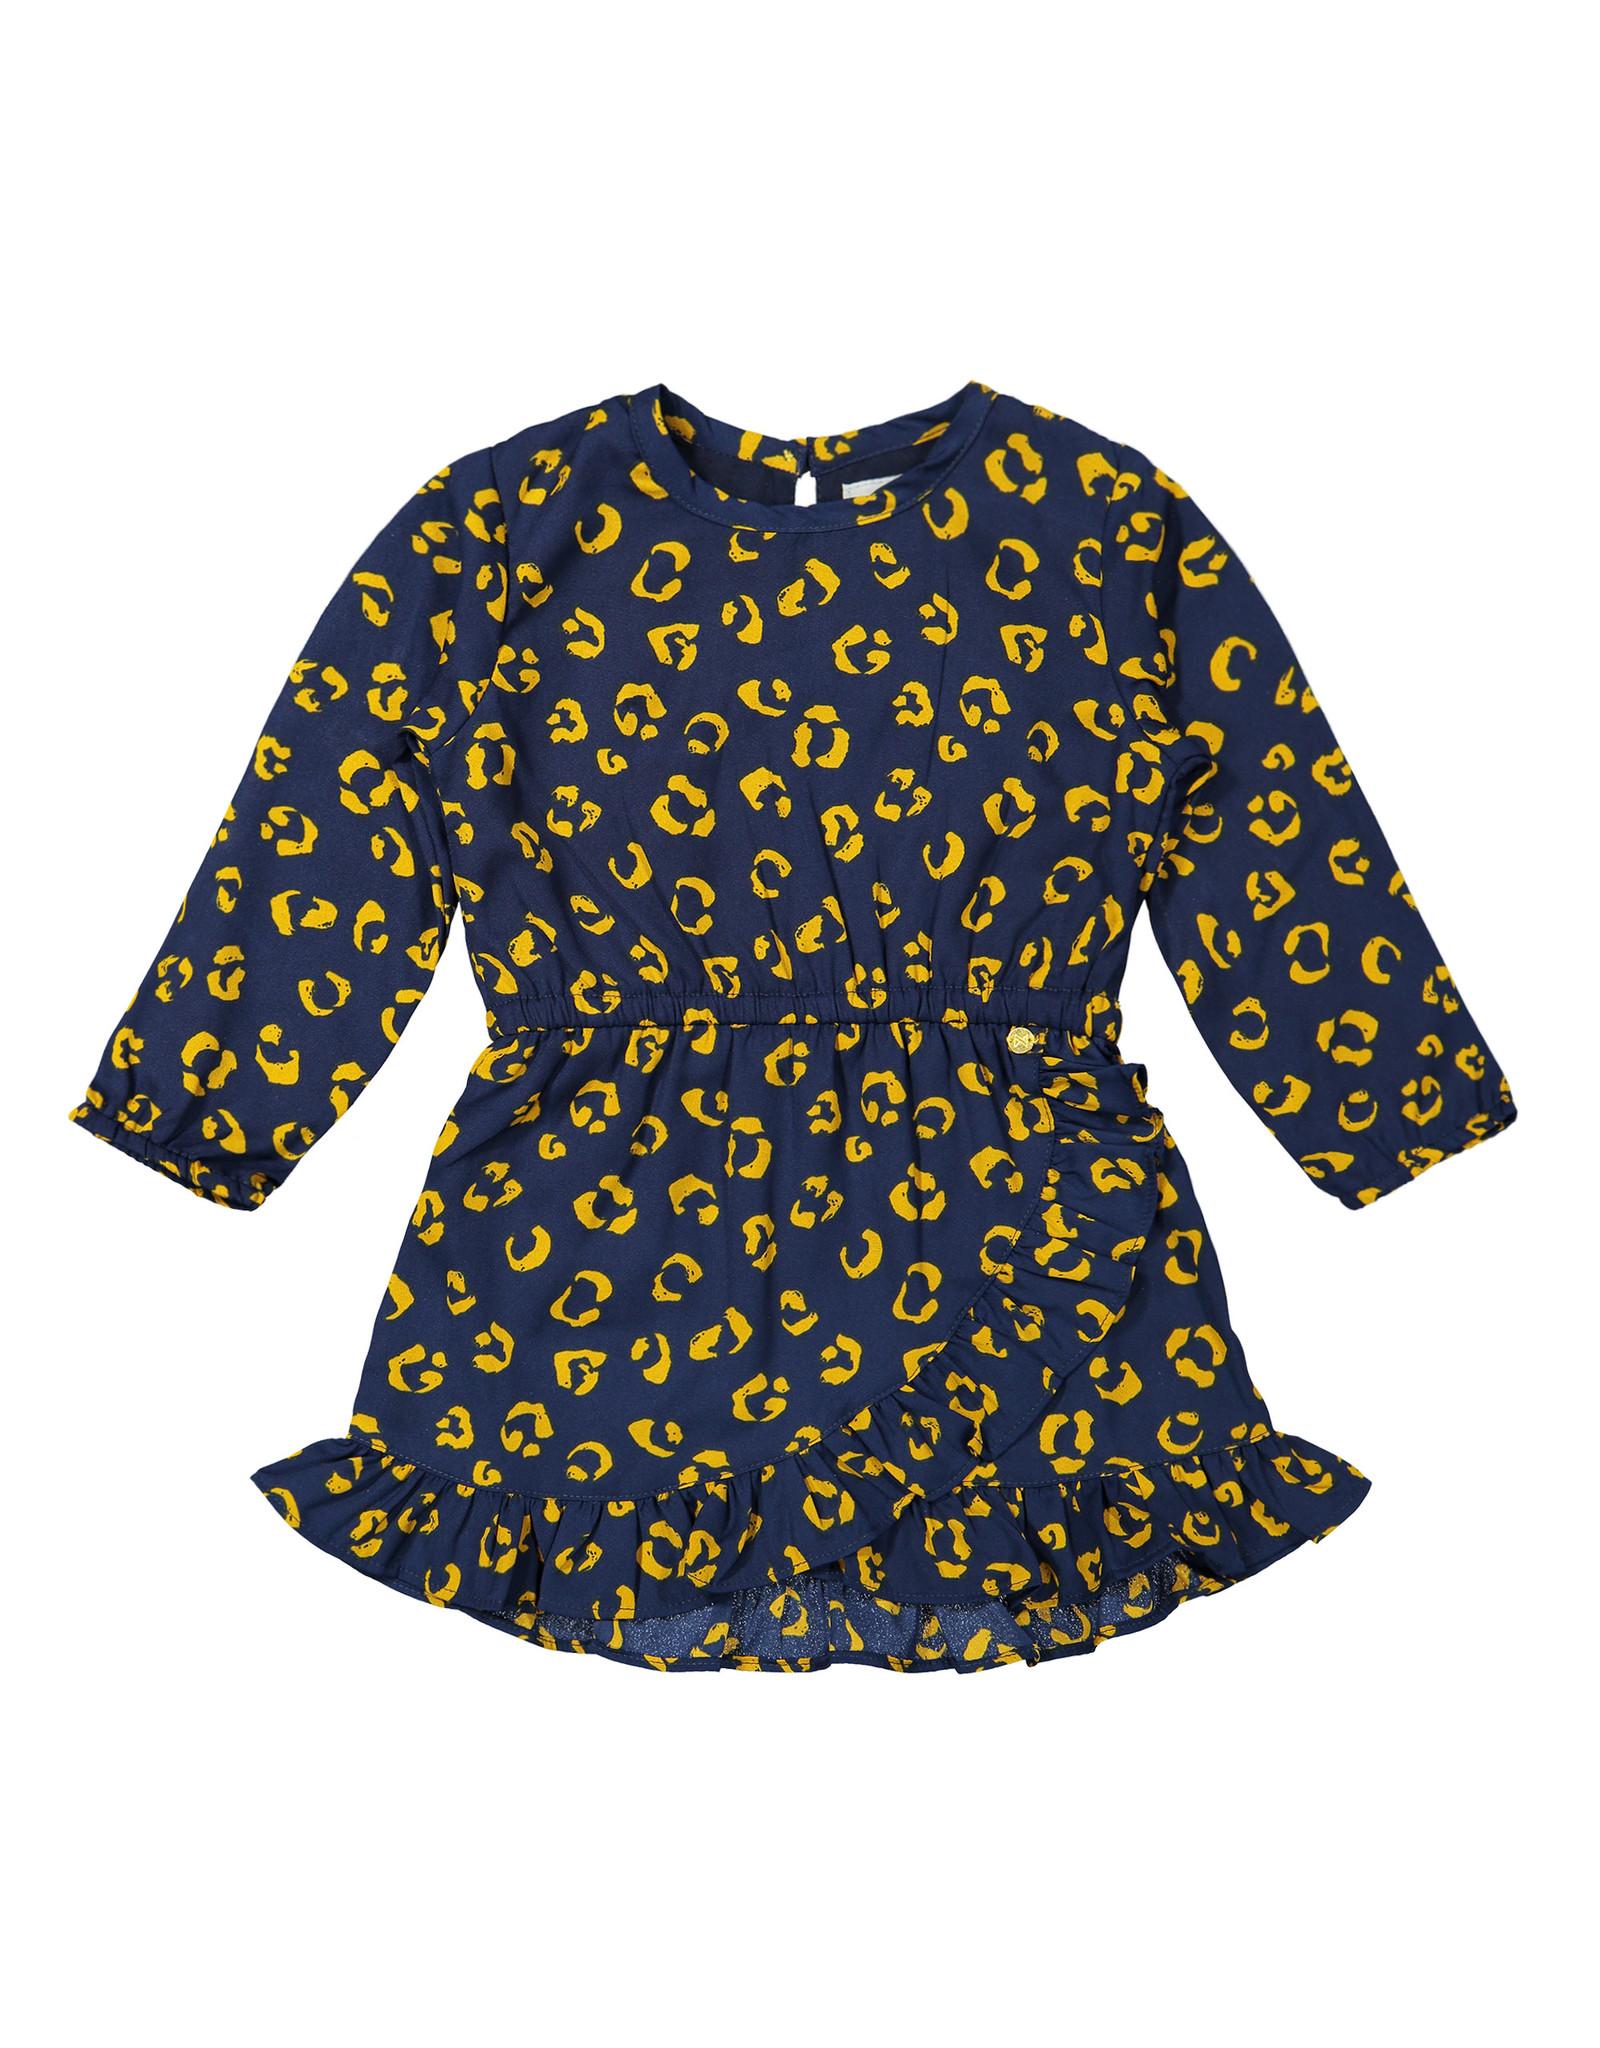 Koko Noko Girls Dress ls Navy + ochre yellow